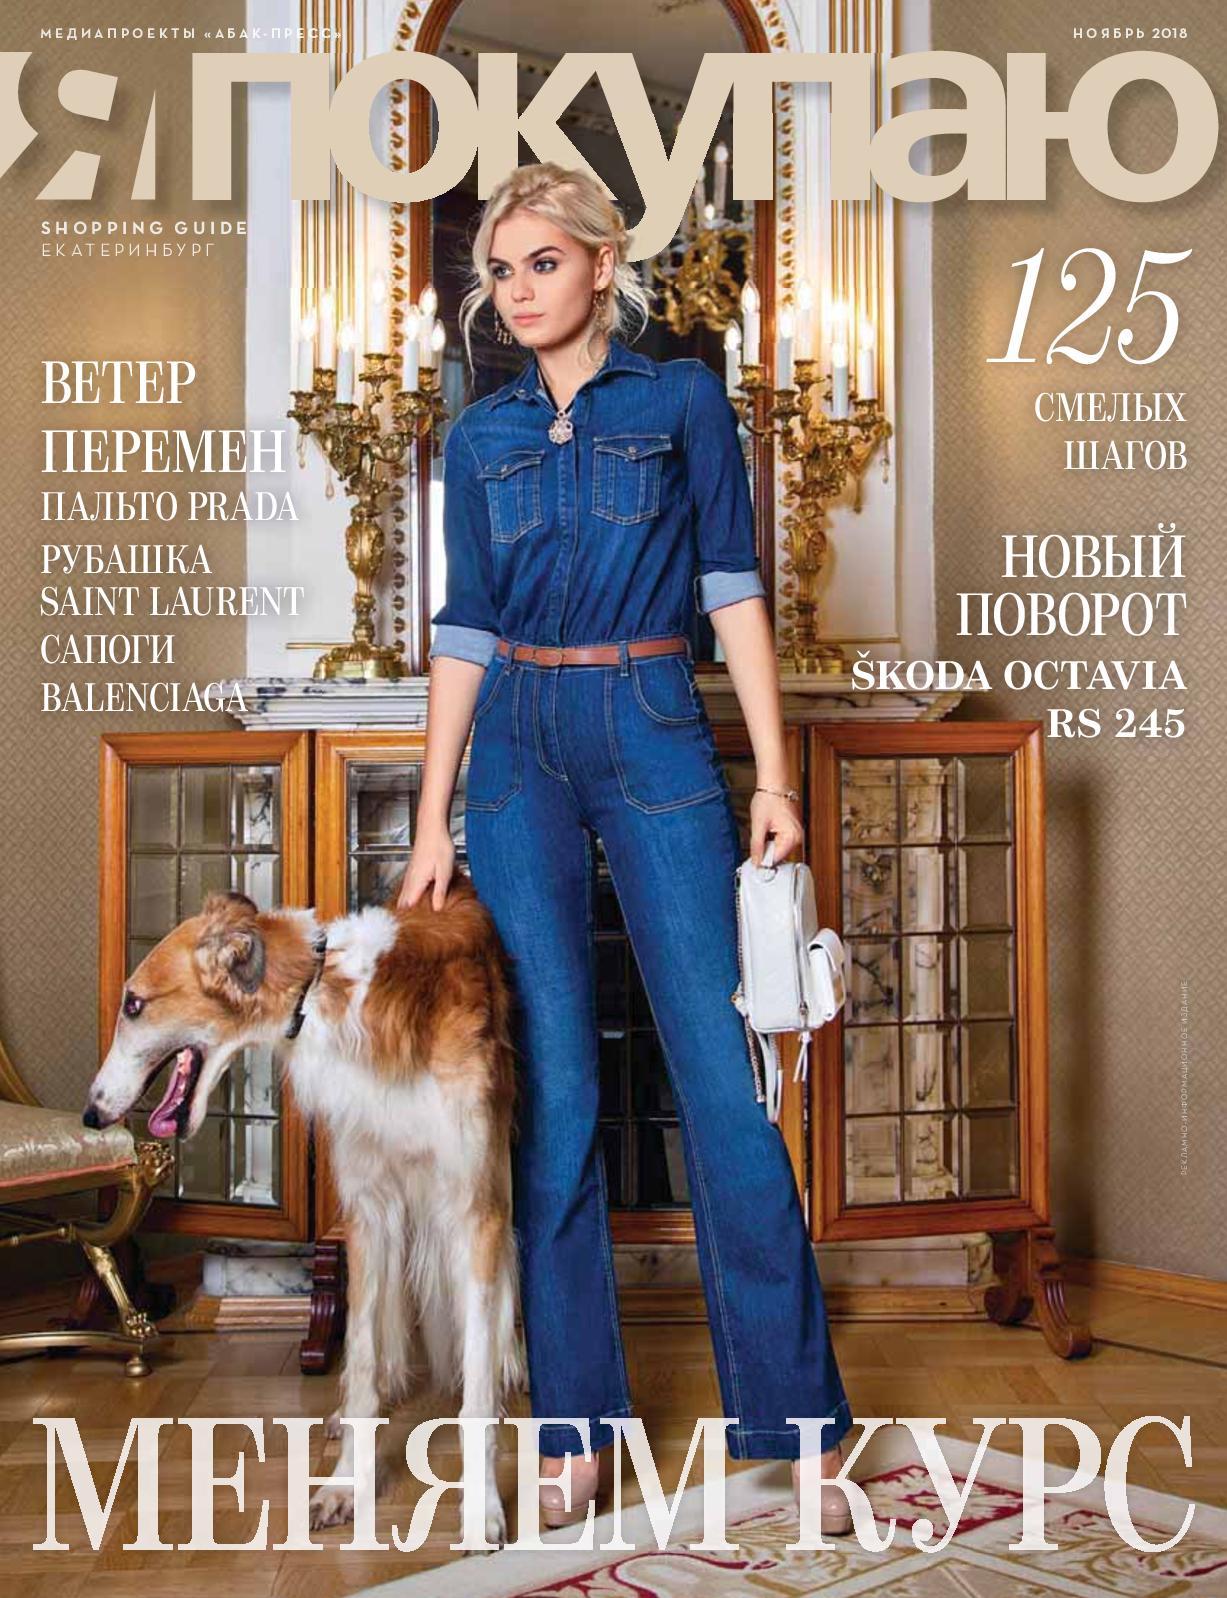 7808877464f7 Calaméo - Электронная версия журнала «Я Покупаю. Екатеринбург», ноябрь —  2018